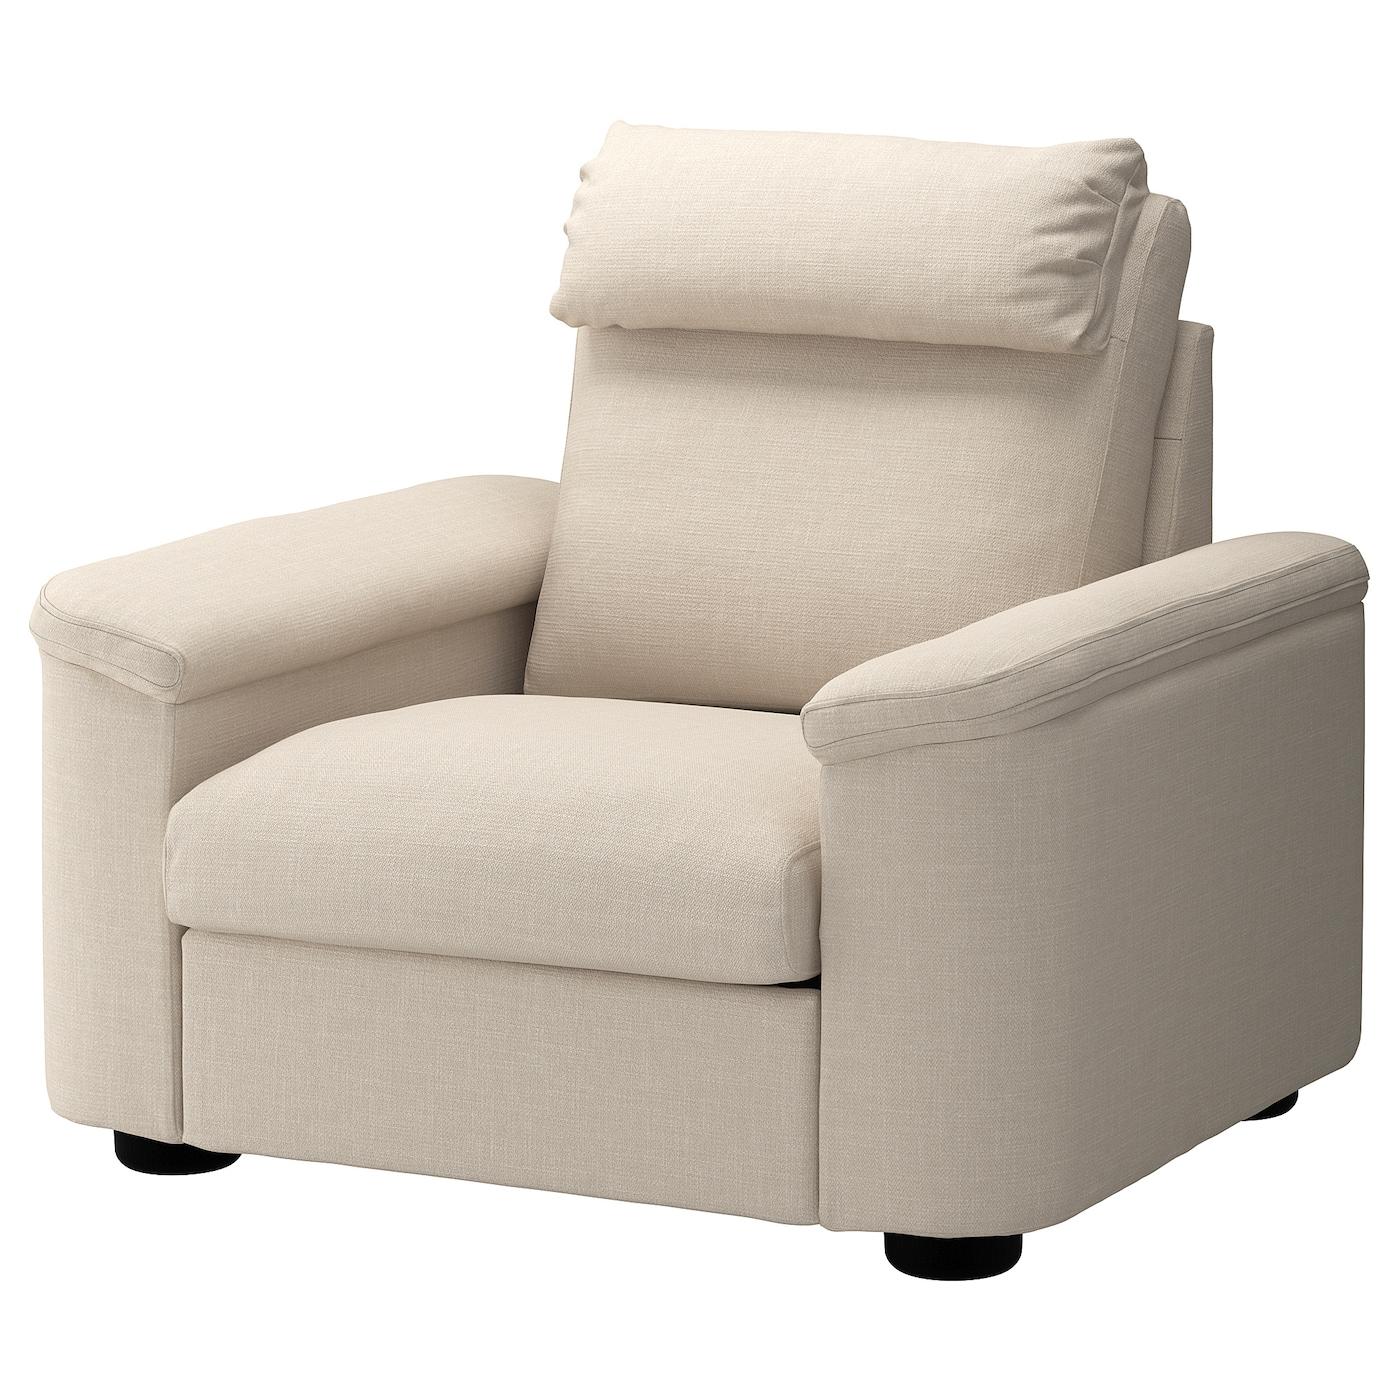 ikea lidhult fauteuil amovible la housse est facile dentretien et passe la - Fauteuil 1 Place Ikea